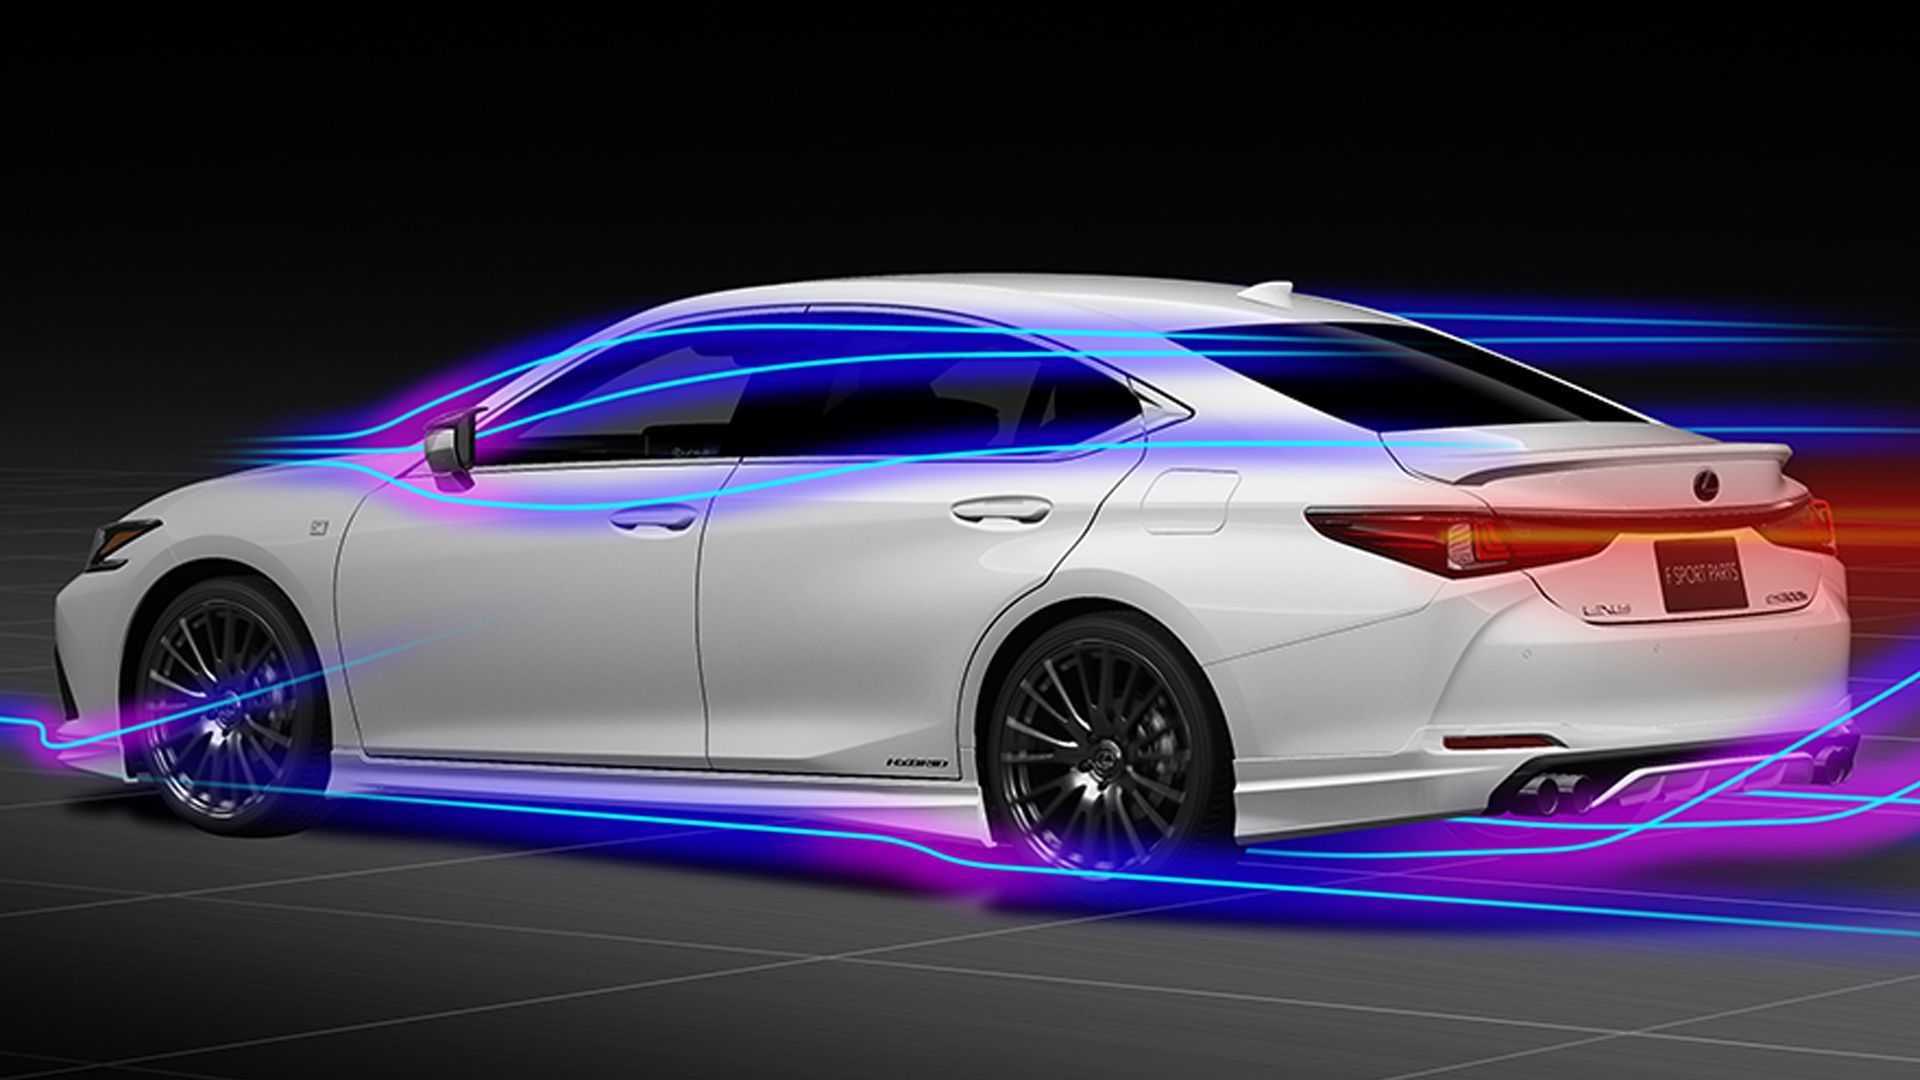 Lexus-ES-facelift-with-TRD-Parts-5